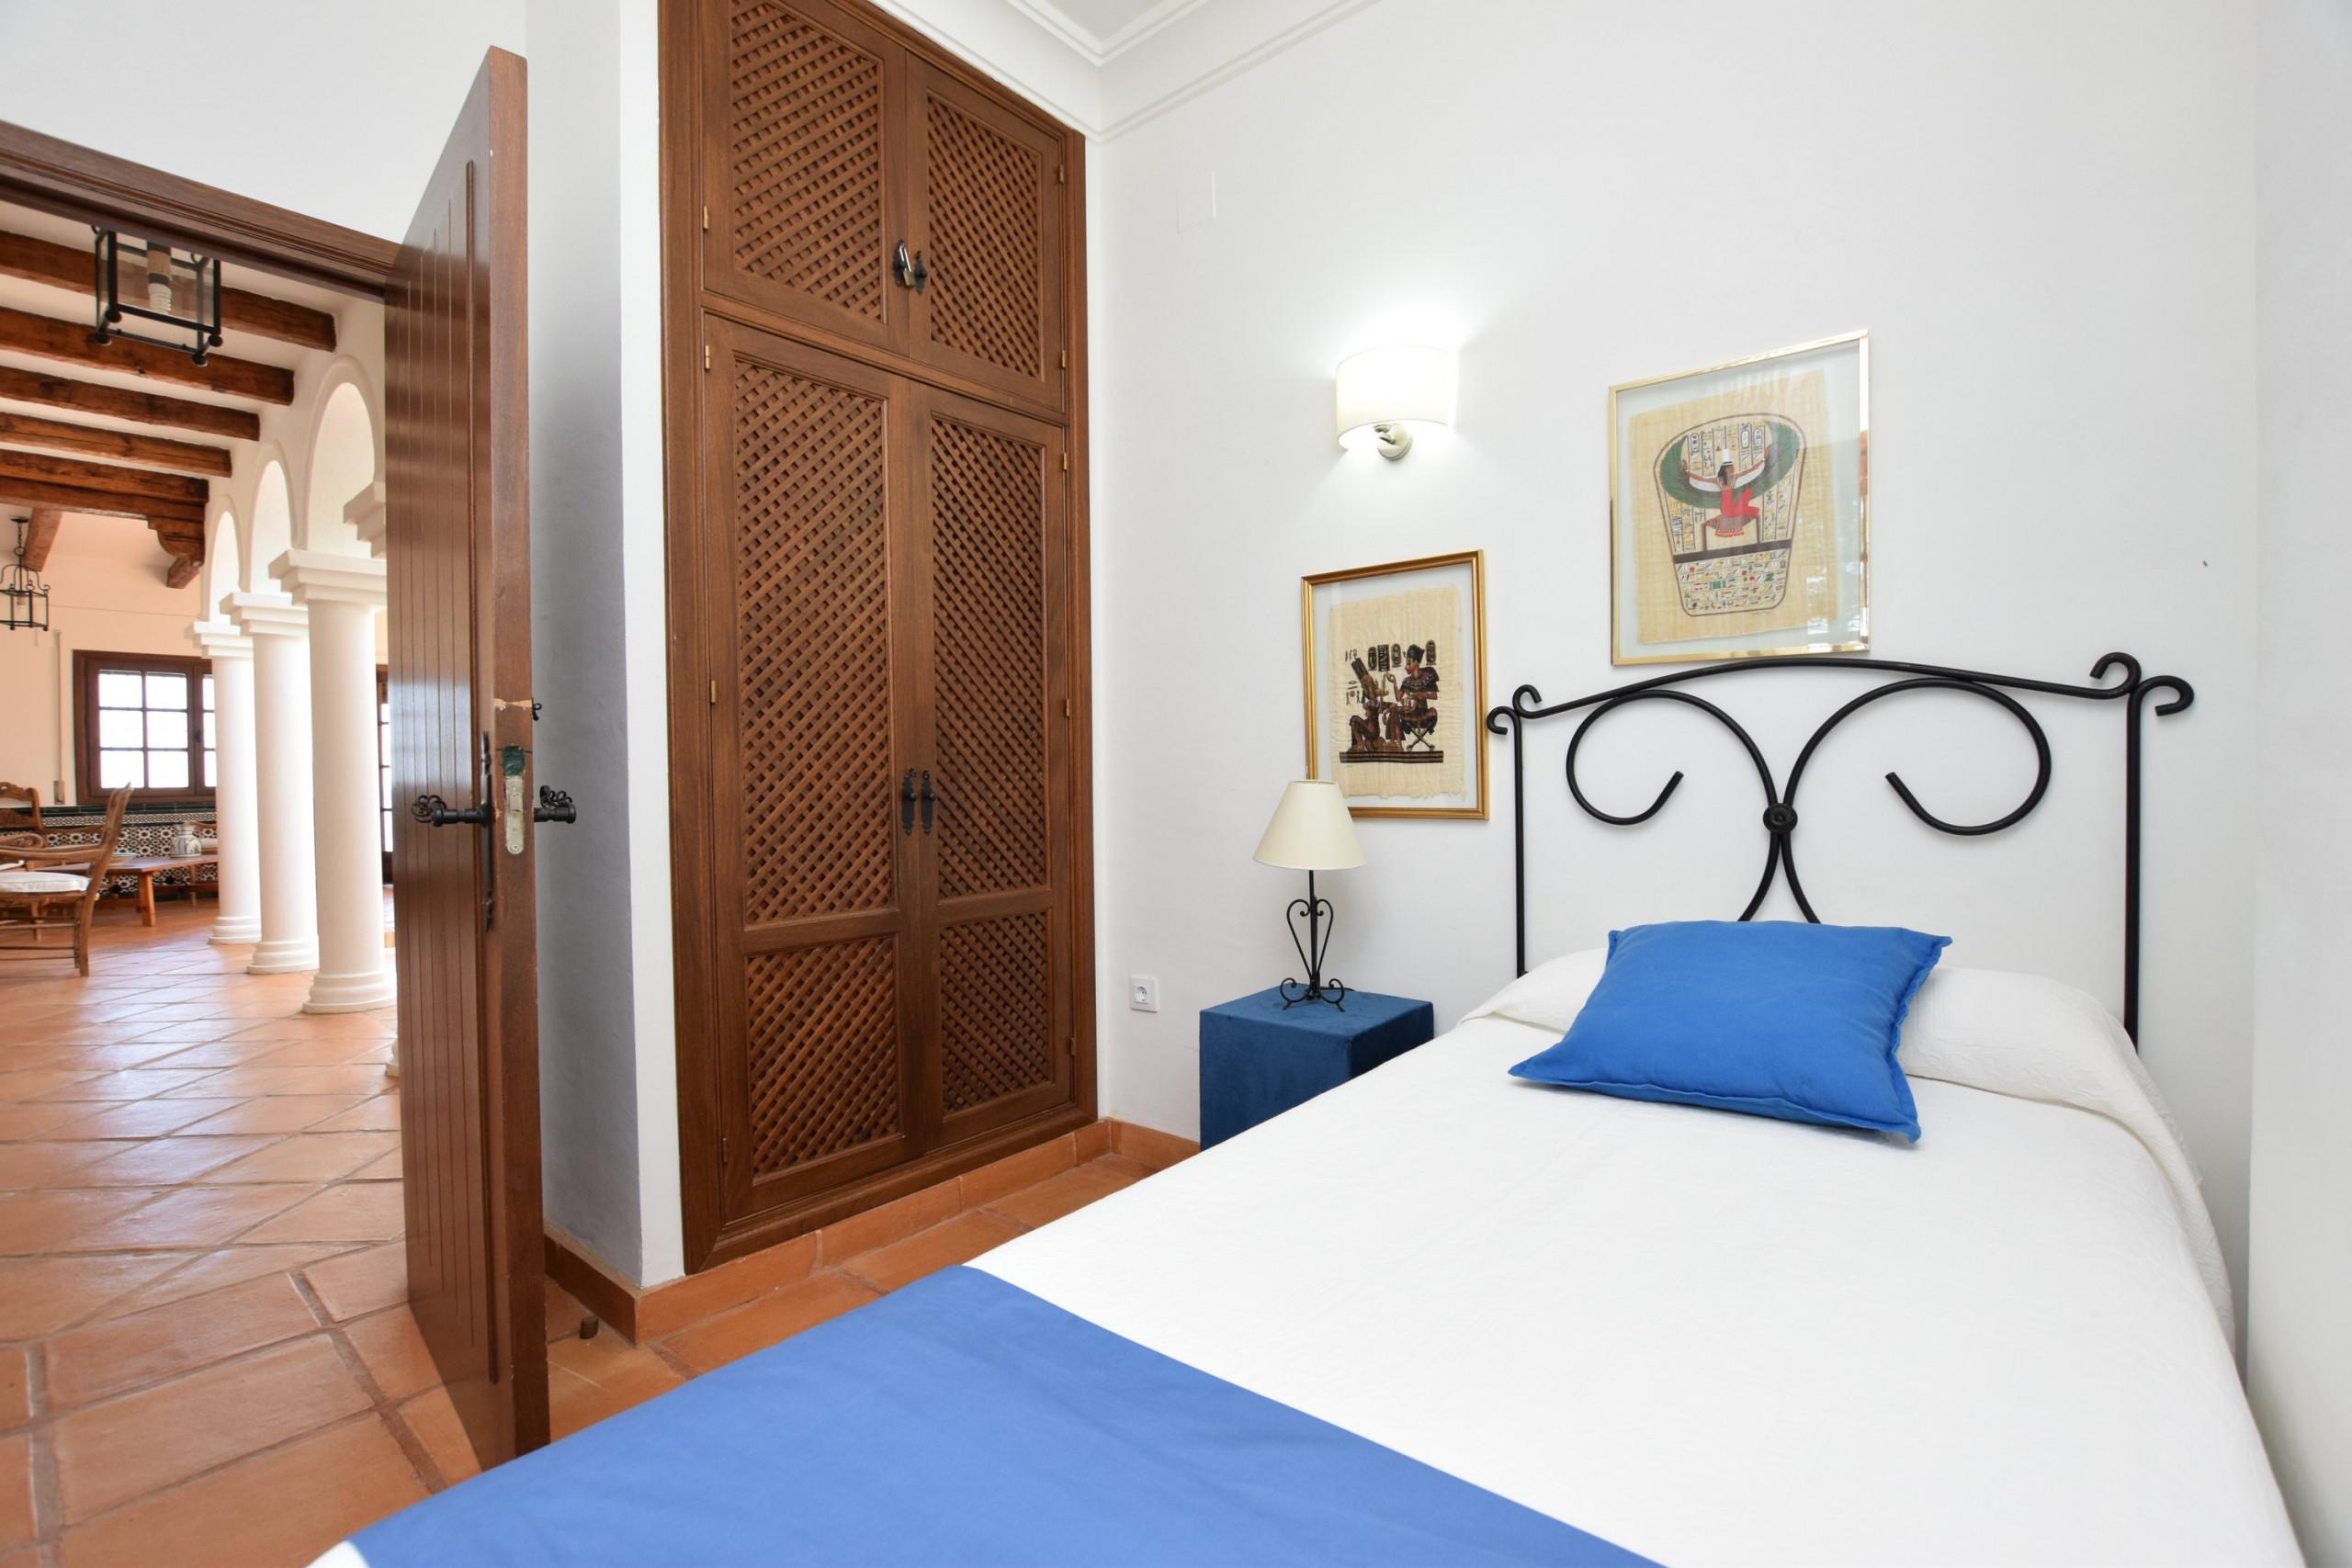 Al Amireh - Dormitorio 1 planta principal(2)